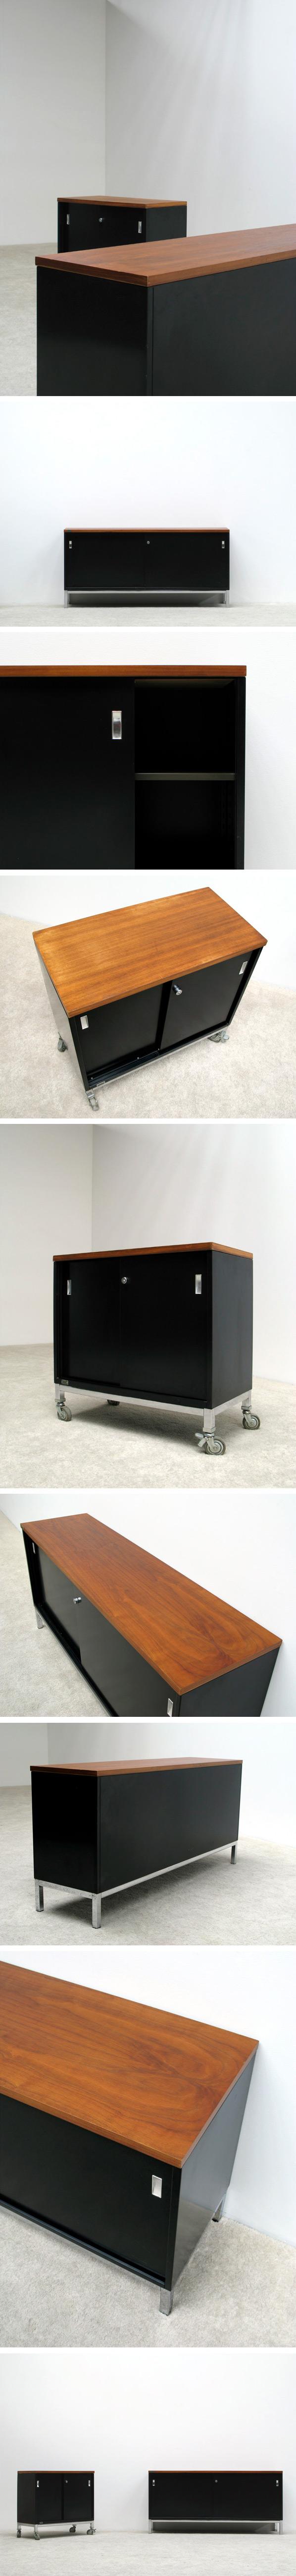 Industrial metal office sideboards Large